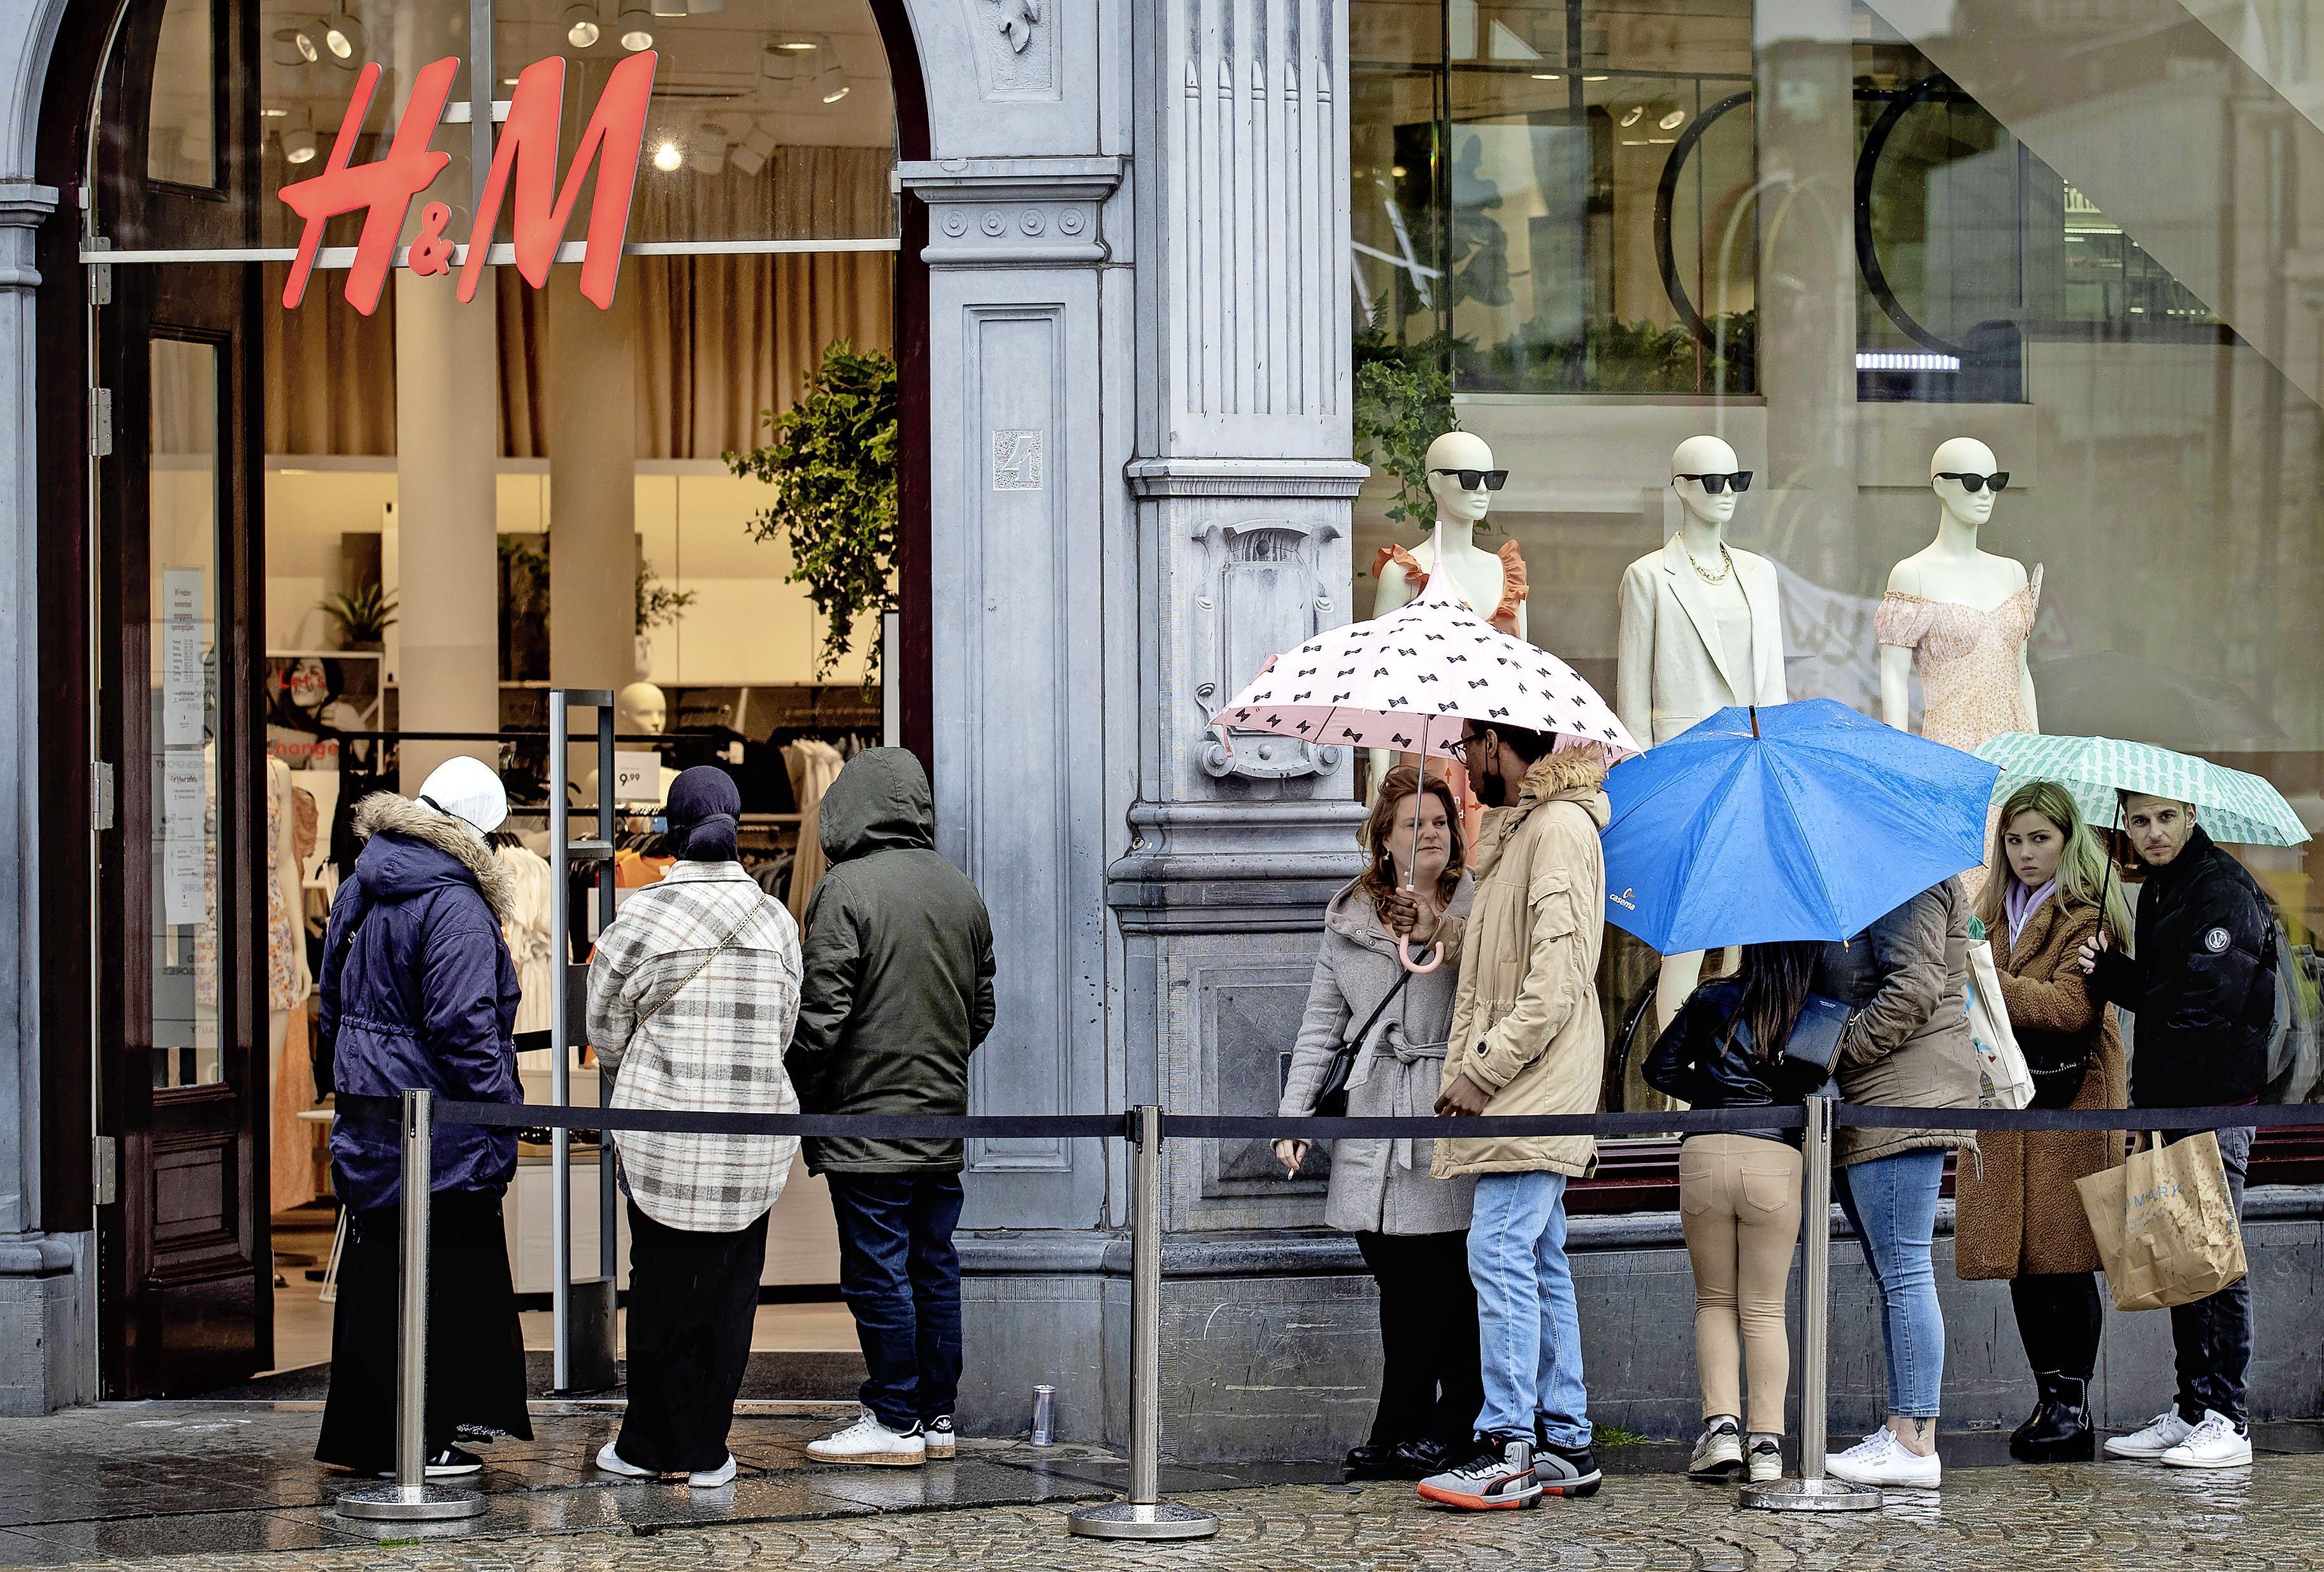 Dreiging van hogere prijzen, angst bij ondernemers om consument na pandemie af te schrikken